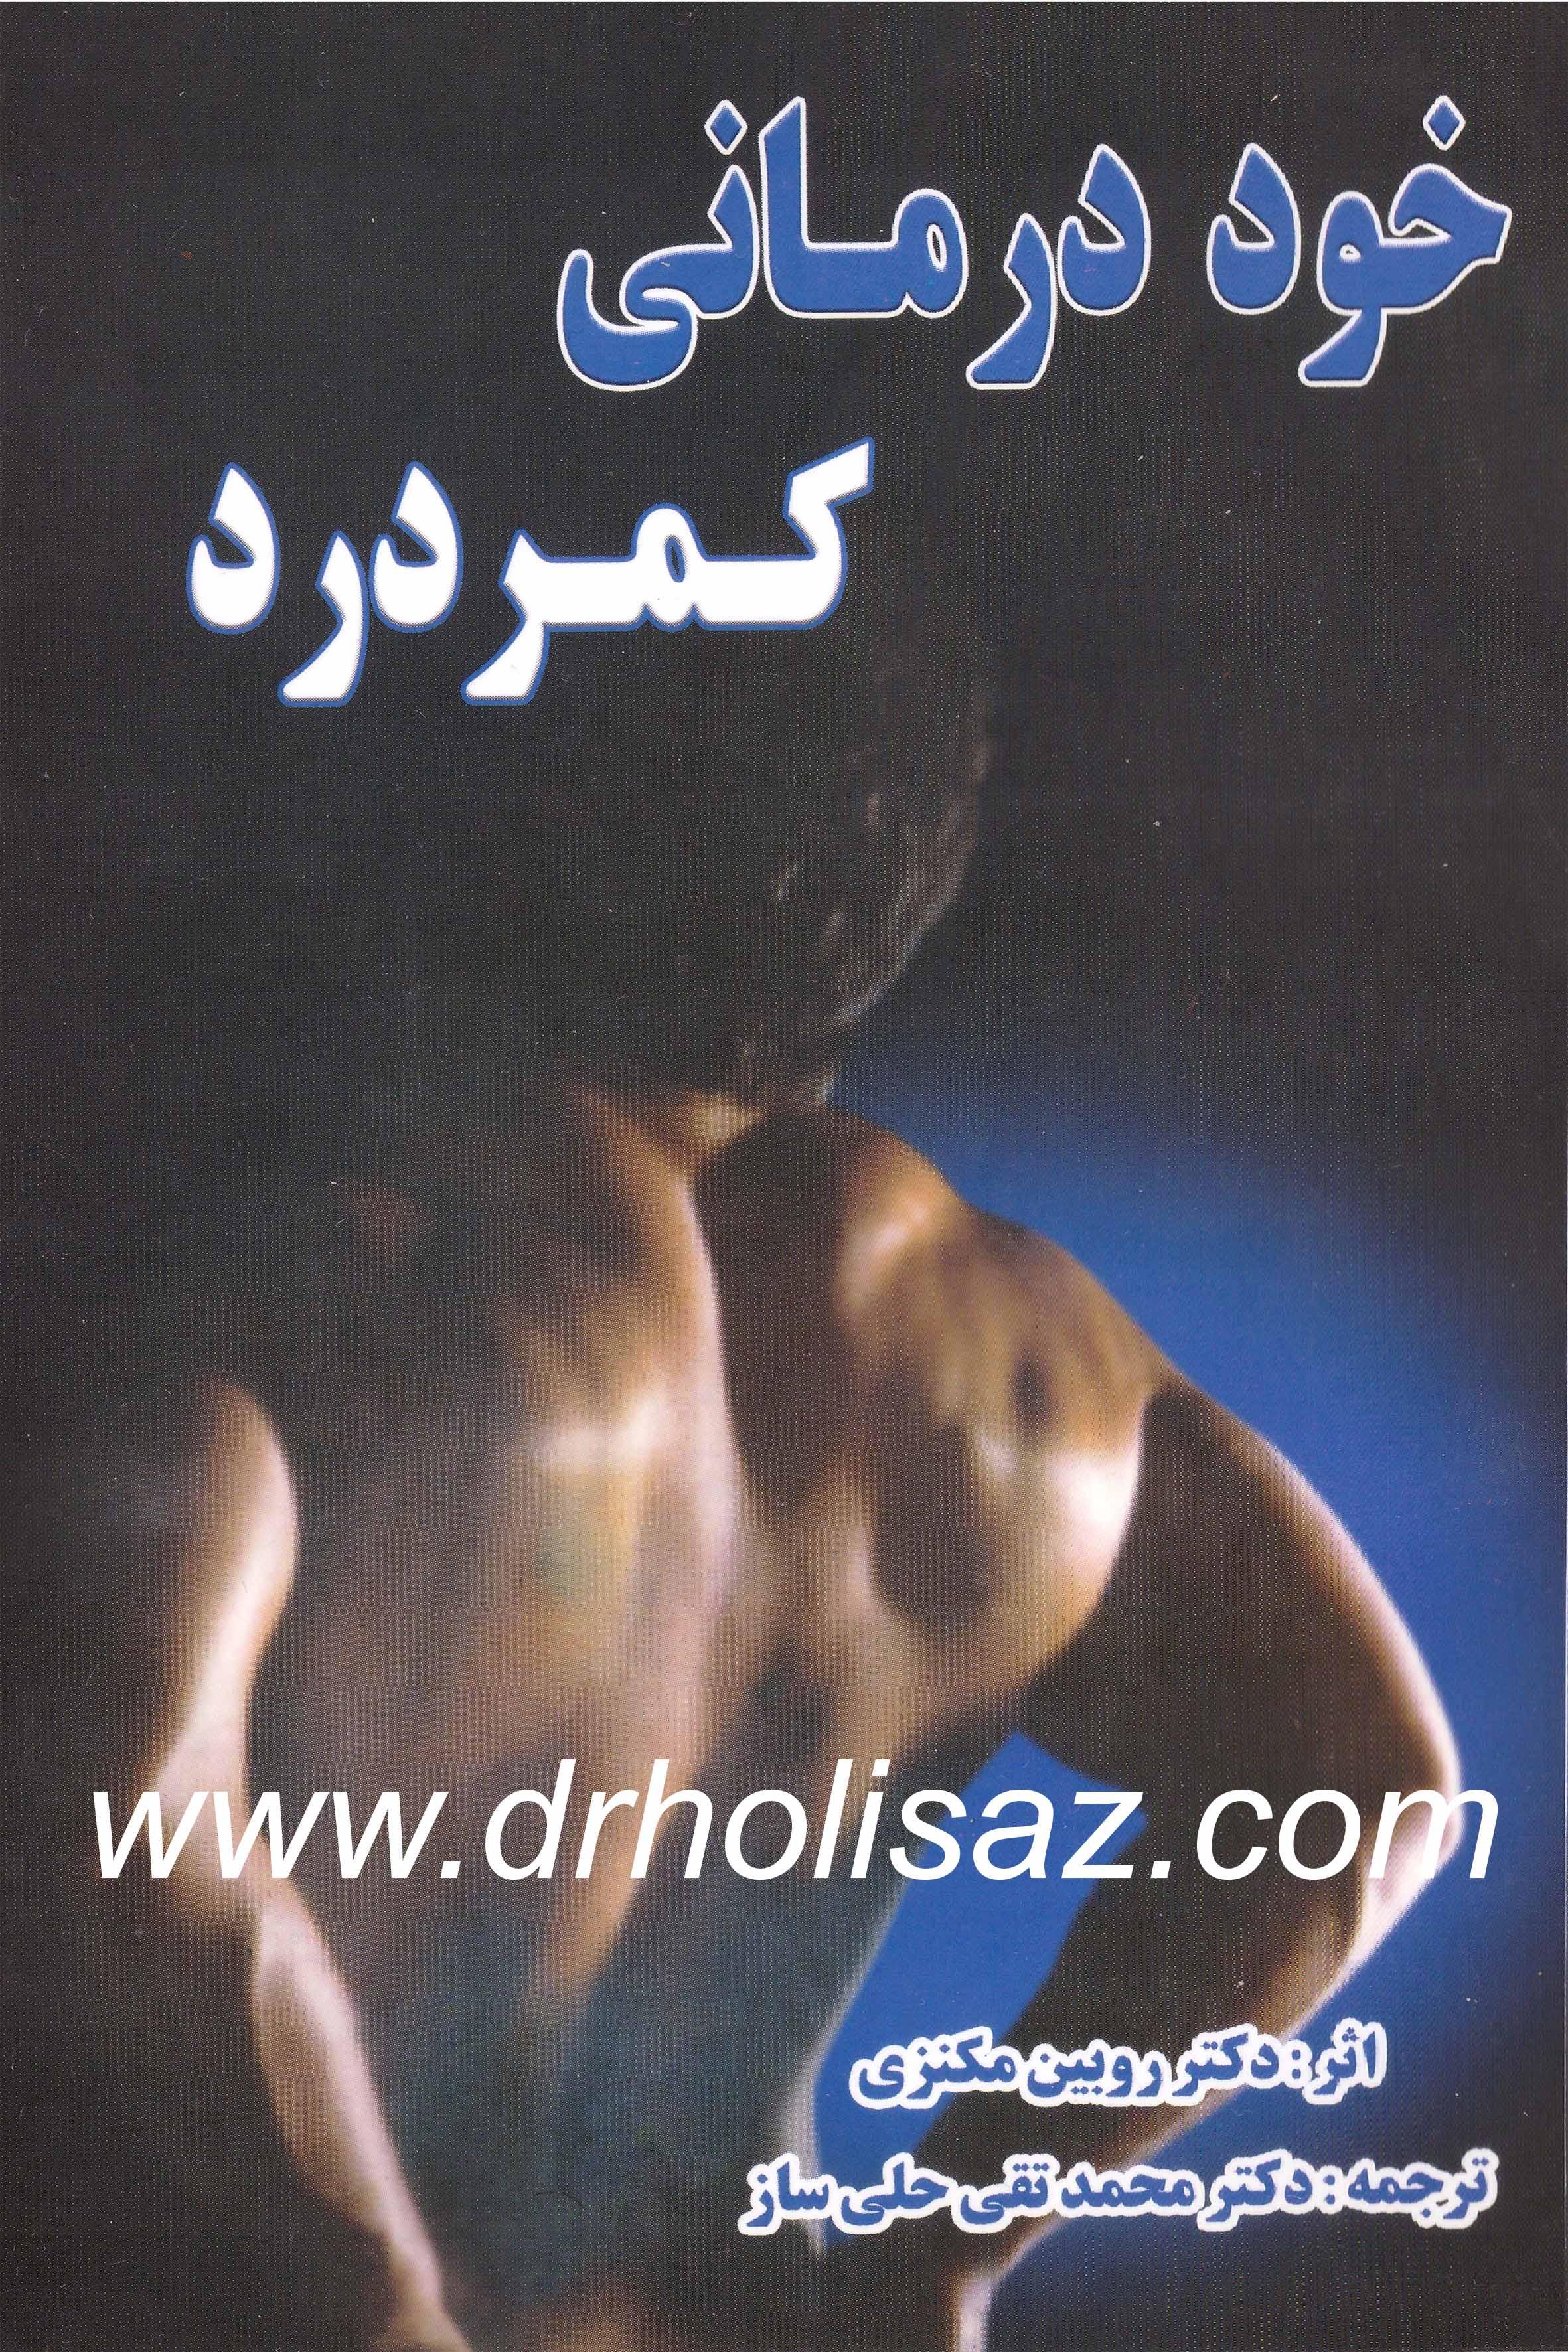 www.drholisaz.com-kamardard